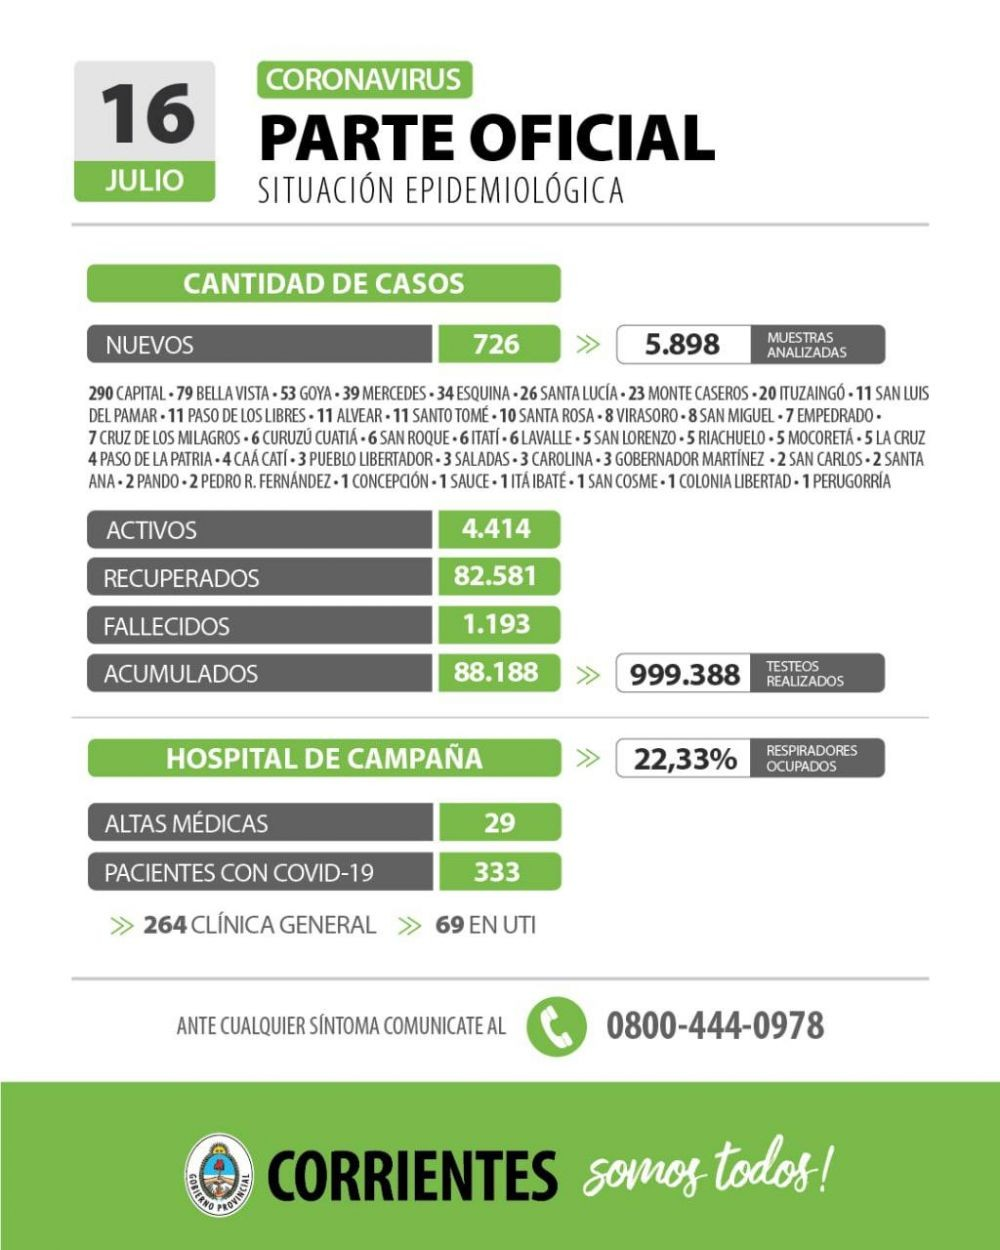 Informan 726 nuevos casos de coronavirus en Corrientes